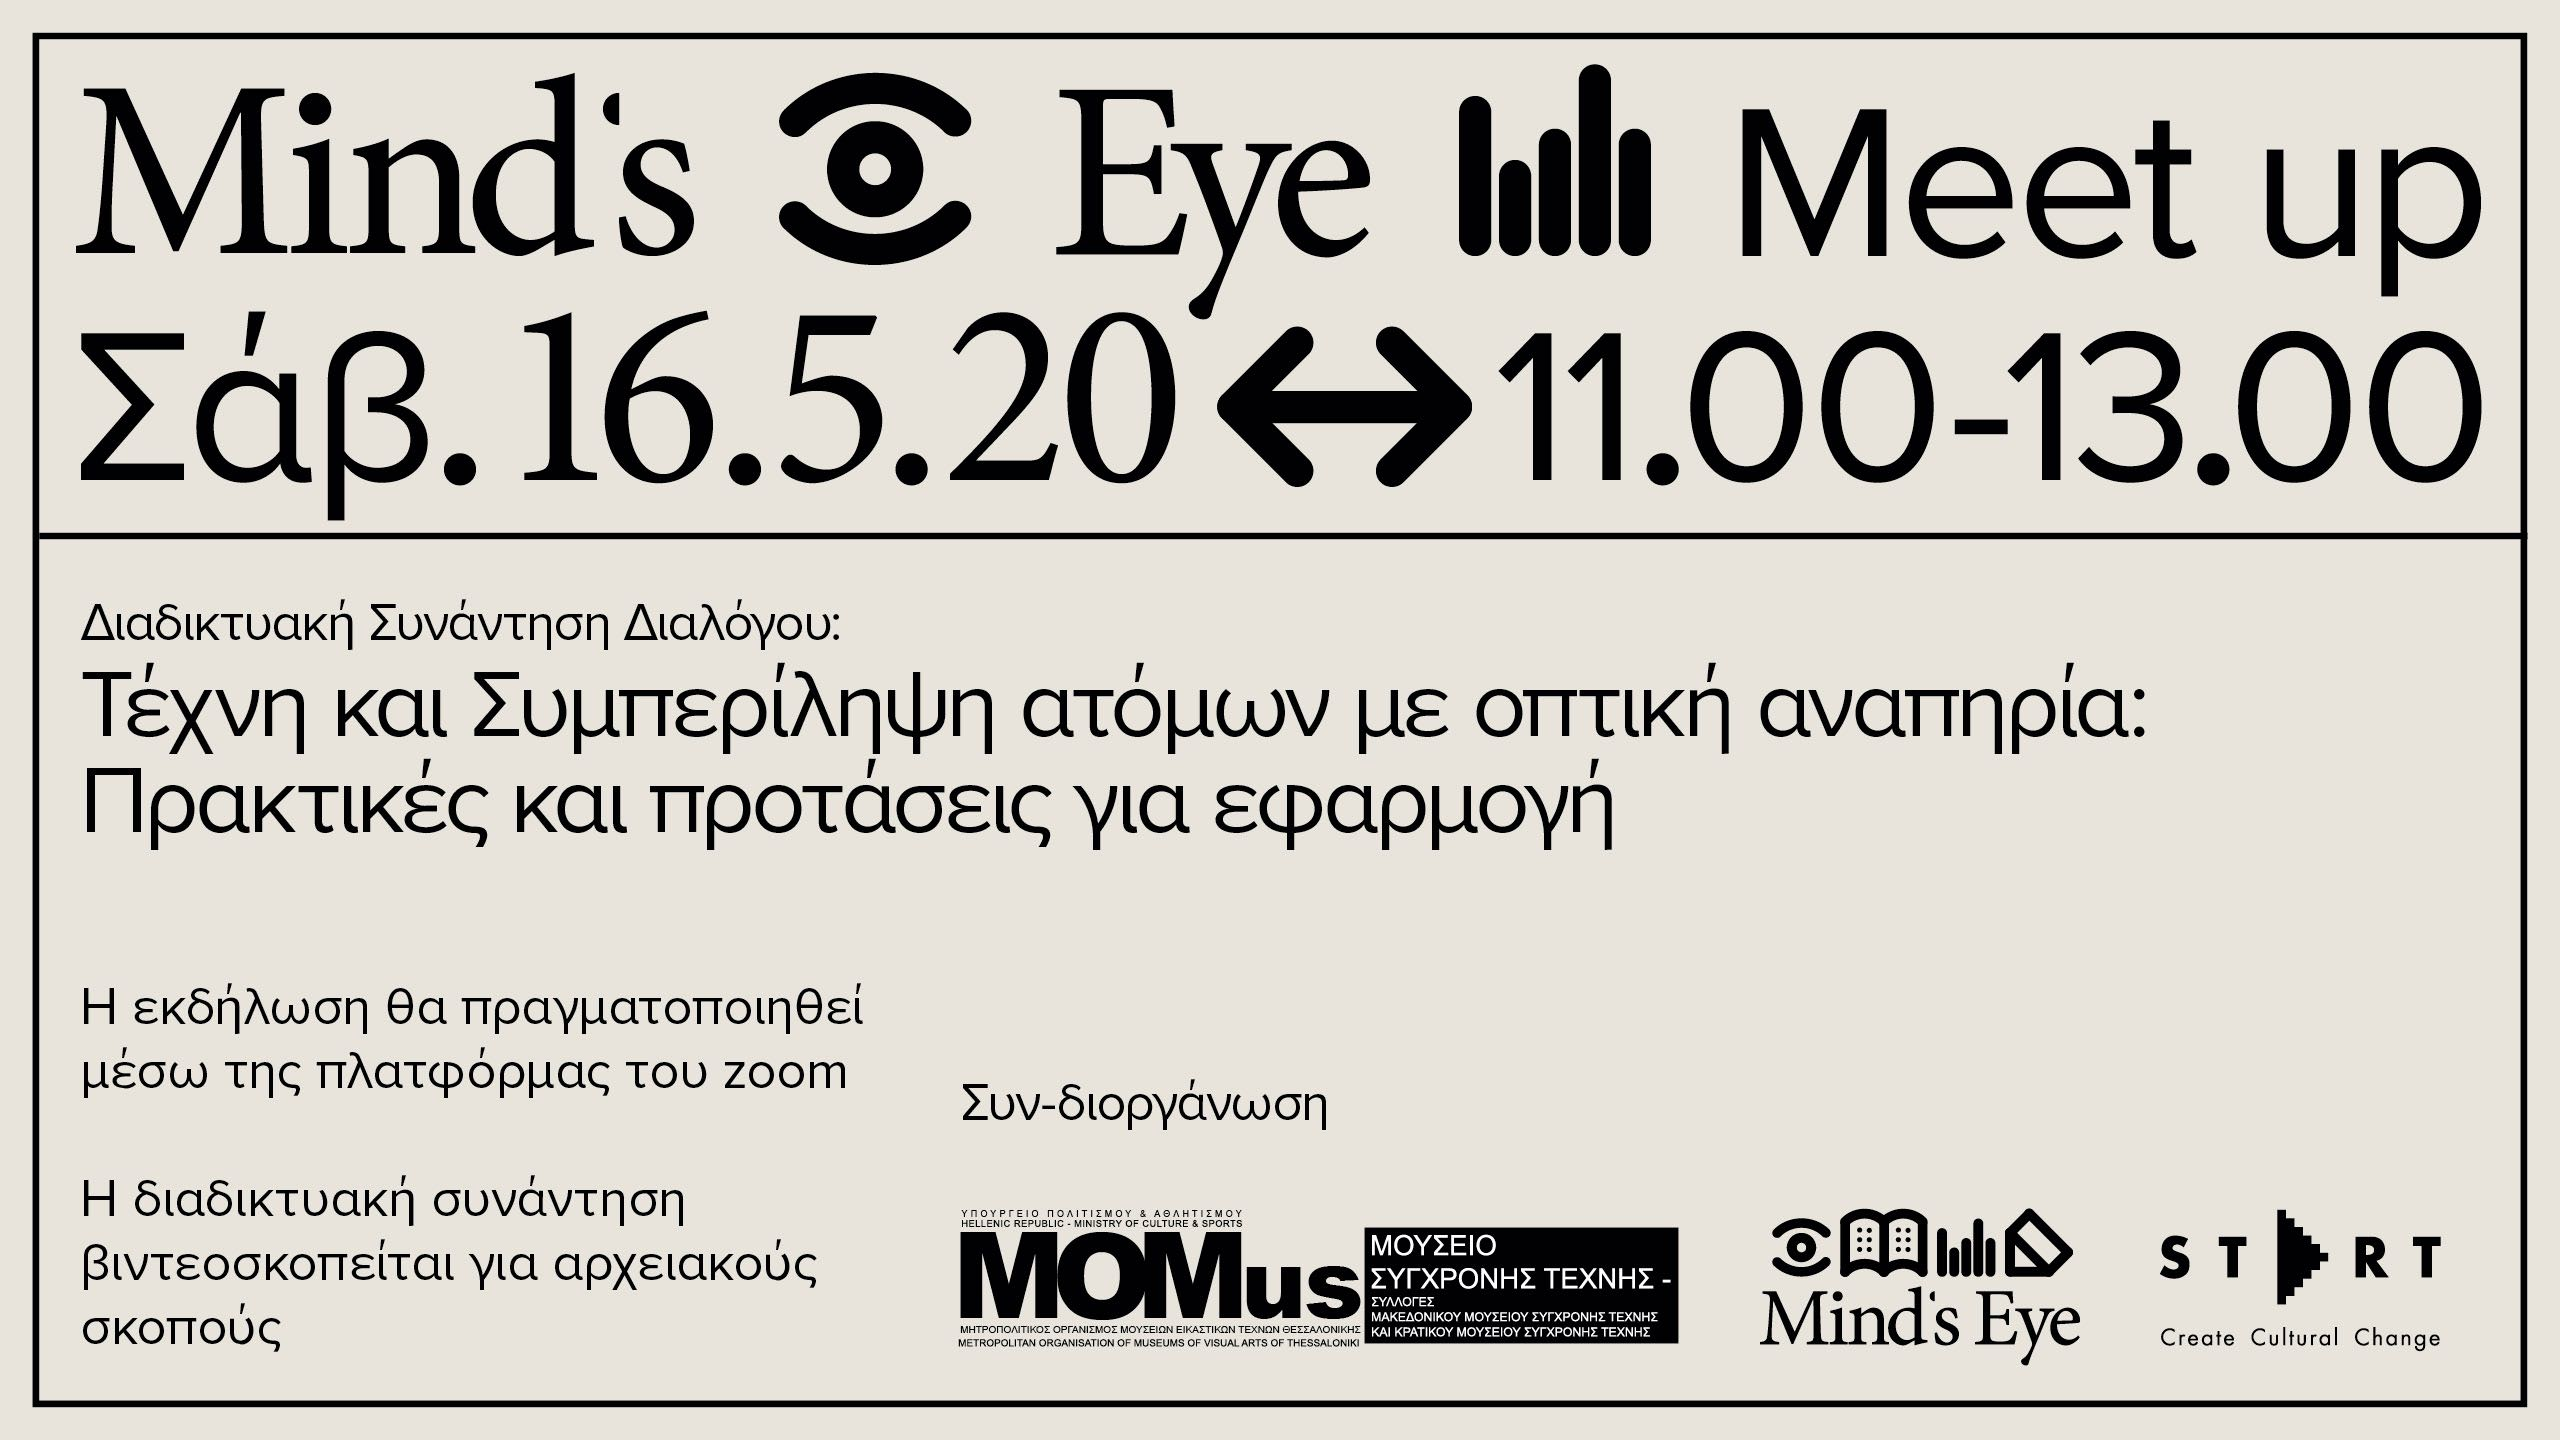 Η διαδικτυακή συνάντηση διαλόγου με τίτλο «Mind's Eye Meet Up-Τέχνη και Συμπερίληψη ατόμων με οπτική αναπηρία: Πρακτικές και προτάσεις για εφαρμογή» φιλοδοξεί να ανοίξει ένα γόνιμο διάλογο ανταλλαγής συμπεριληπτικών πρακτικών για την προσβασιμότητα ατόμων με οπτική αναπηρία στην εμπειρία της τέχνης και του πολιτισμού. Προσκεκλημένοι ομιλητές από φορείς του πολιτισμού, της εκπαίδευσης και της κοινότητας ατόμων με οπτική αναπηρία, μοιράζονται την εμπειρία τους και παρουσιάζουν προτάσεις και πρακτικές που προωθούν τη συμπερίληψη. Η εκδήλωση αποσκοπεί στην ενημέρωση και την ευαισθητοποίηση των επαγγελματιών του πολιτισμού και του κοινού σχετικά με τη συμπερίληψη ατόμων με οπτική αναπηρία σε χώρους τέχνης και πολιτισμού με απώτερο στόχο τη δημιουργία ενός πρωτοκόλλου καλών πρακτικών που θα μπορούσαν δυνητικά να υιοθετηθούν από περισσότερους πολιτιστικούς φορείς στο μέλλον. Η διαδικτυακή συνάντηση λειτουργεί ως δράση γνωριμίας με το πιλοτικό πρόγραμμα «Mind's Eye | Ψηλαφώντας την Τέχνη» που θα εφαρμοστεί σε μόνιμη βάση σε τμήμα του χώρου και της συλλογής του MOMus-Μουσείου Σύγχρονης Τέχνης τον Ιούνιο του 2020. Η εκδήλωση εντάσσεται στο πλαίσιο του εορτασμού της Διεθνούς Ημέρας Μουσείων 2020 και είναι αφιερωμένη στη μνήμη του Θεόδωρου Κώνστα, του πρώτου ξεναγού με οπτική αναπηρία.